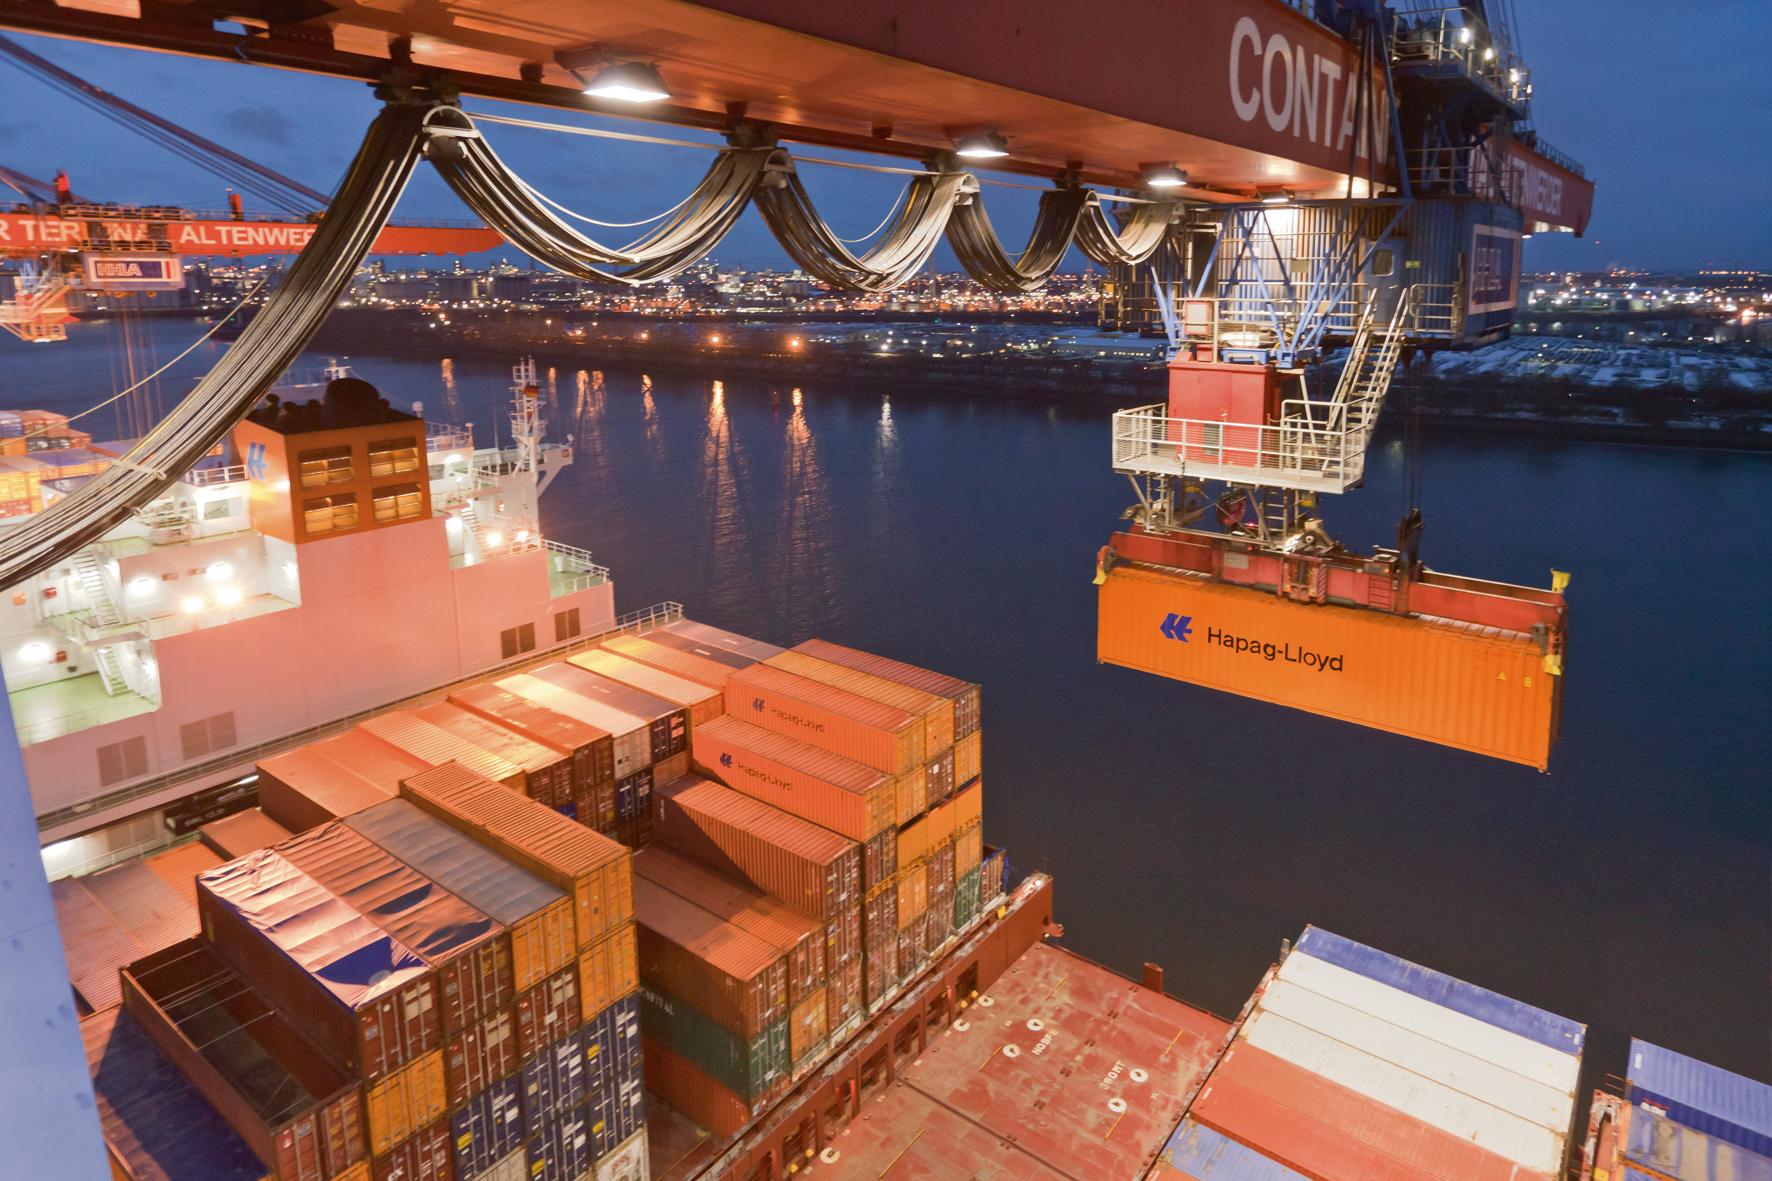 Gedanken an kauf verkauf am besten wählen Container carriers: Hapag-Lloyd ups expectations on new strategy